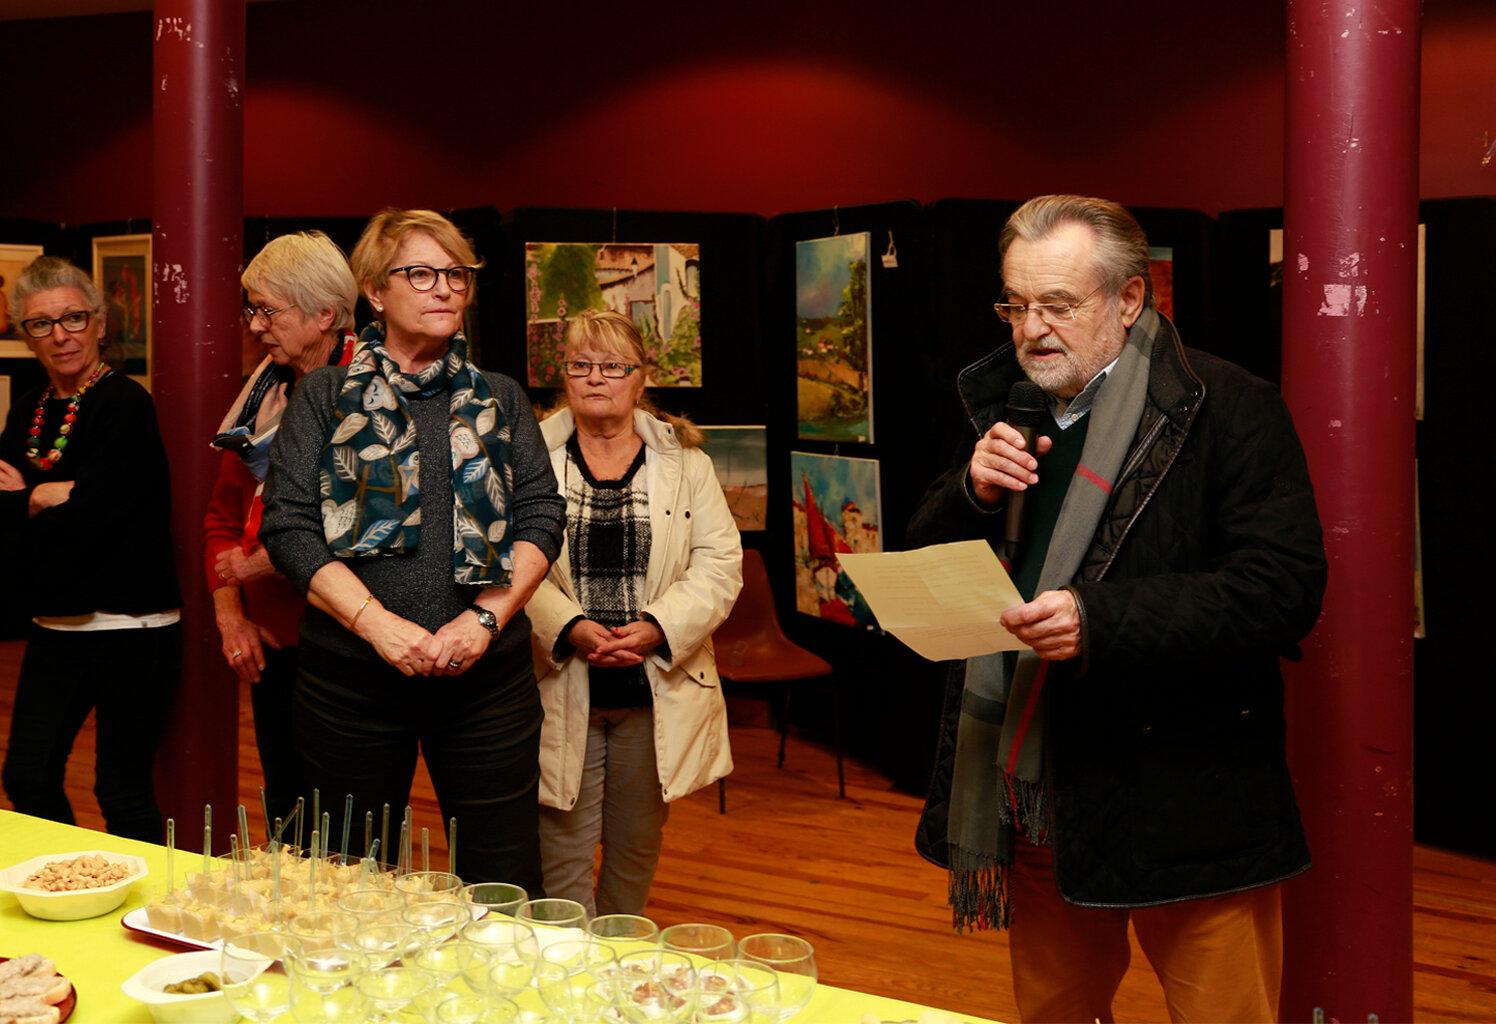 Salon des arts 25-26 janvier 2020 - GG1 (31)